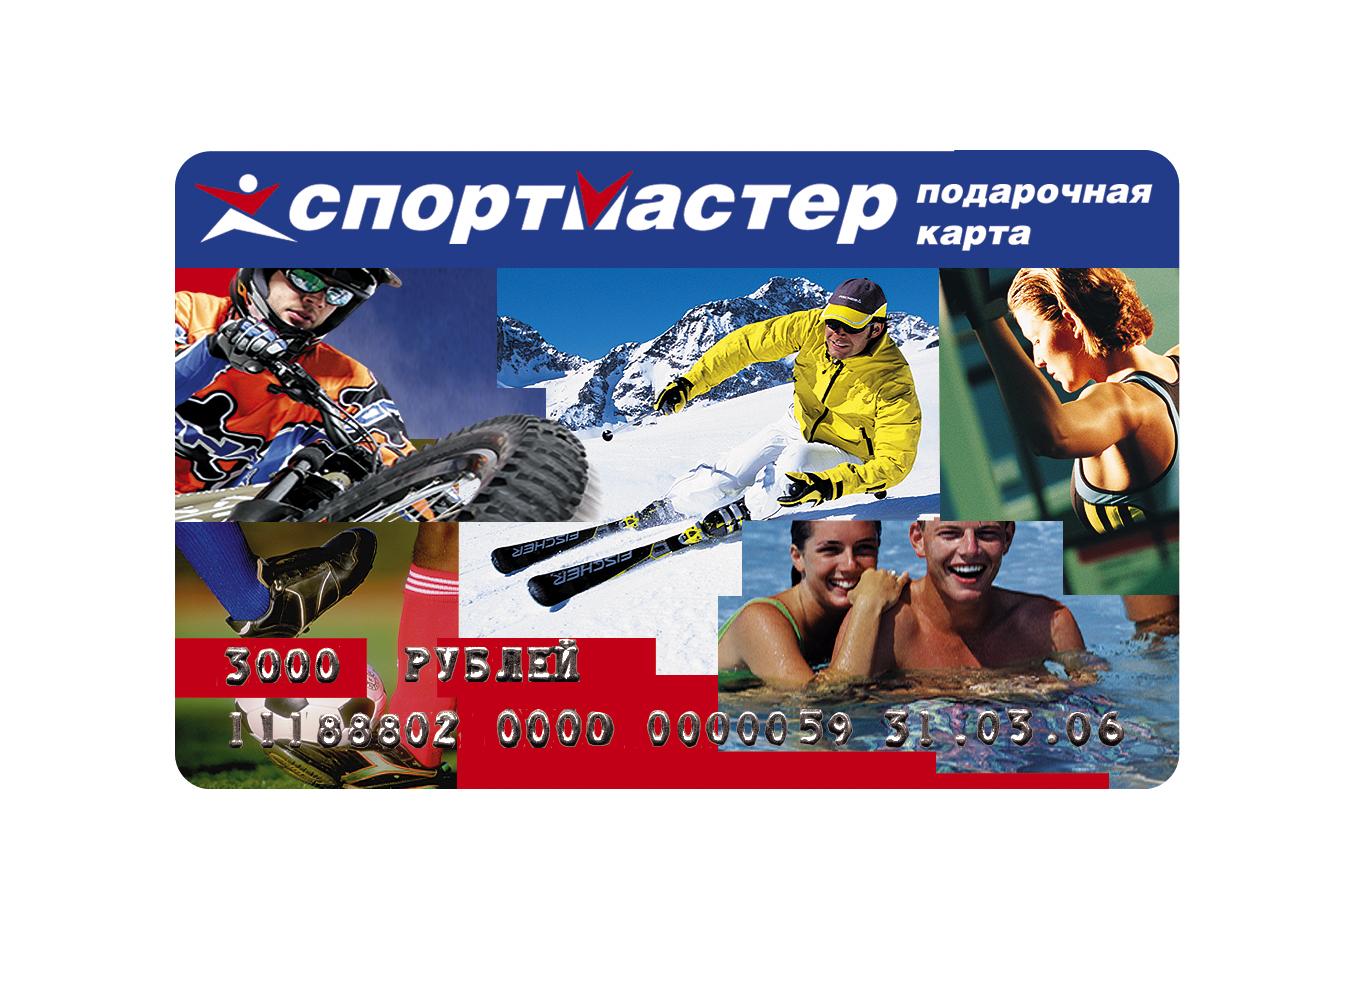 Подарочная карта спорт мастера